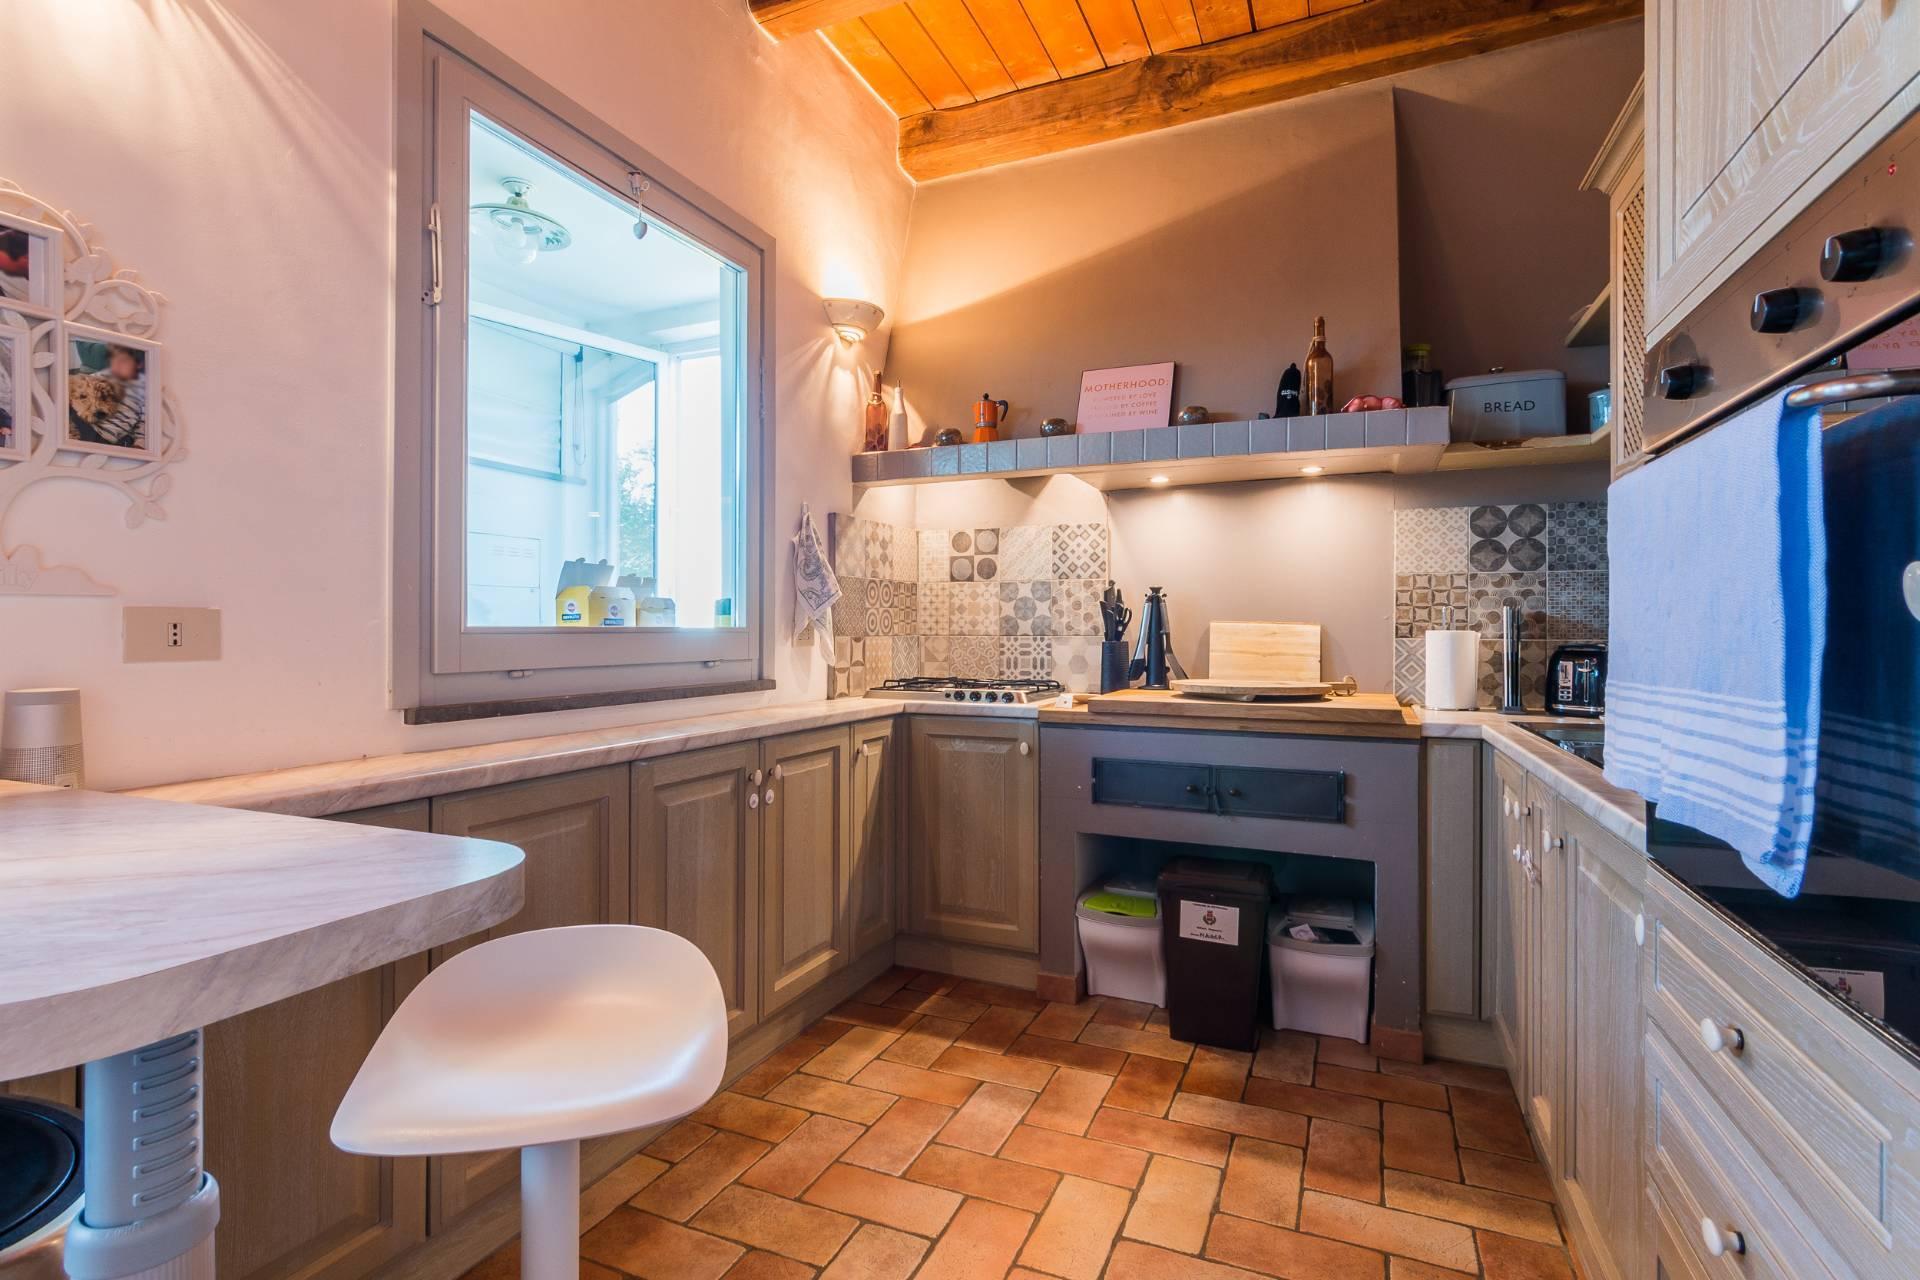 Appartamento a Petritoli (Fermo)